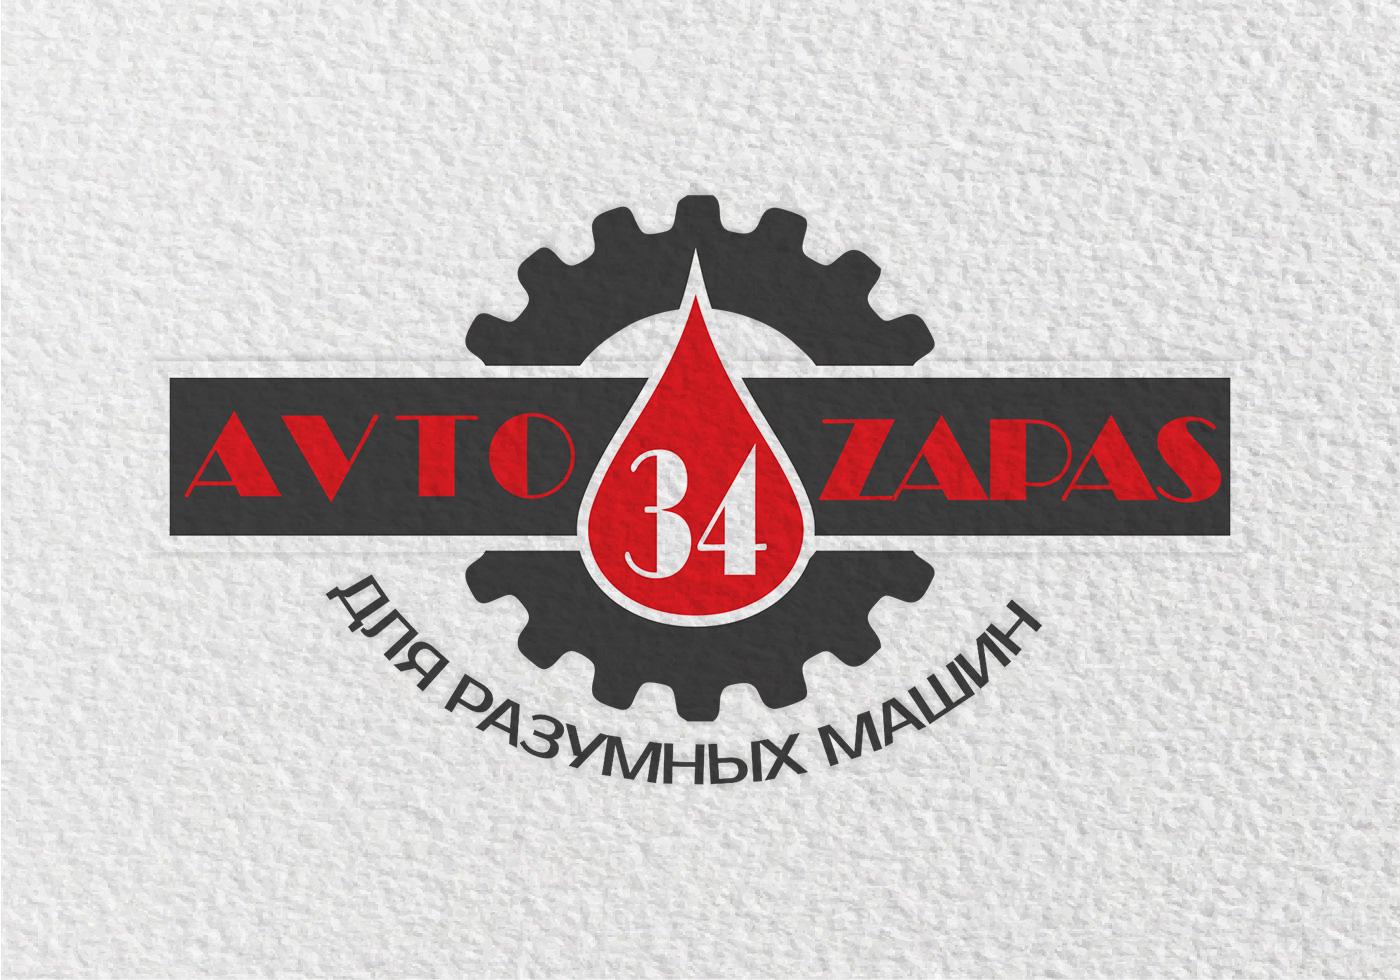 Автозапас34